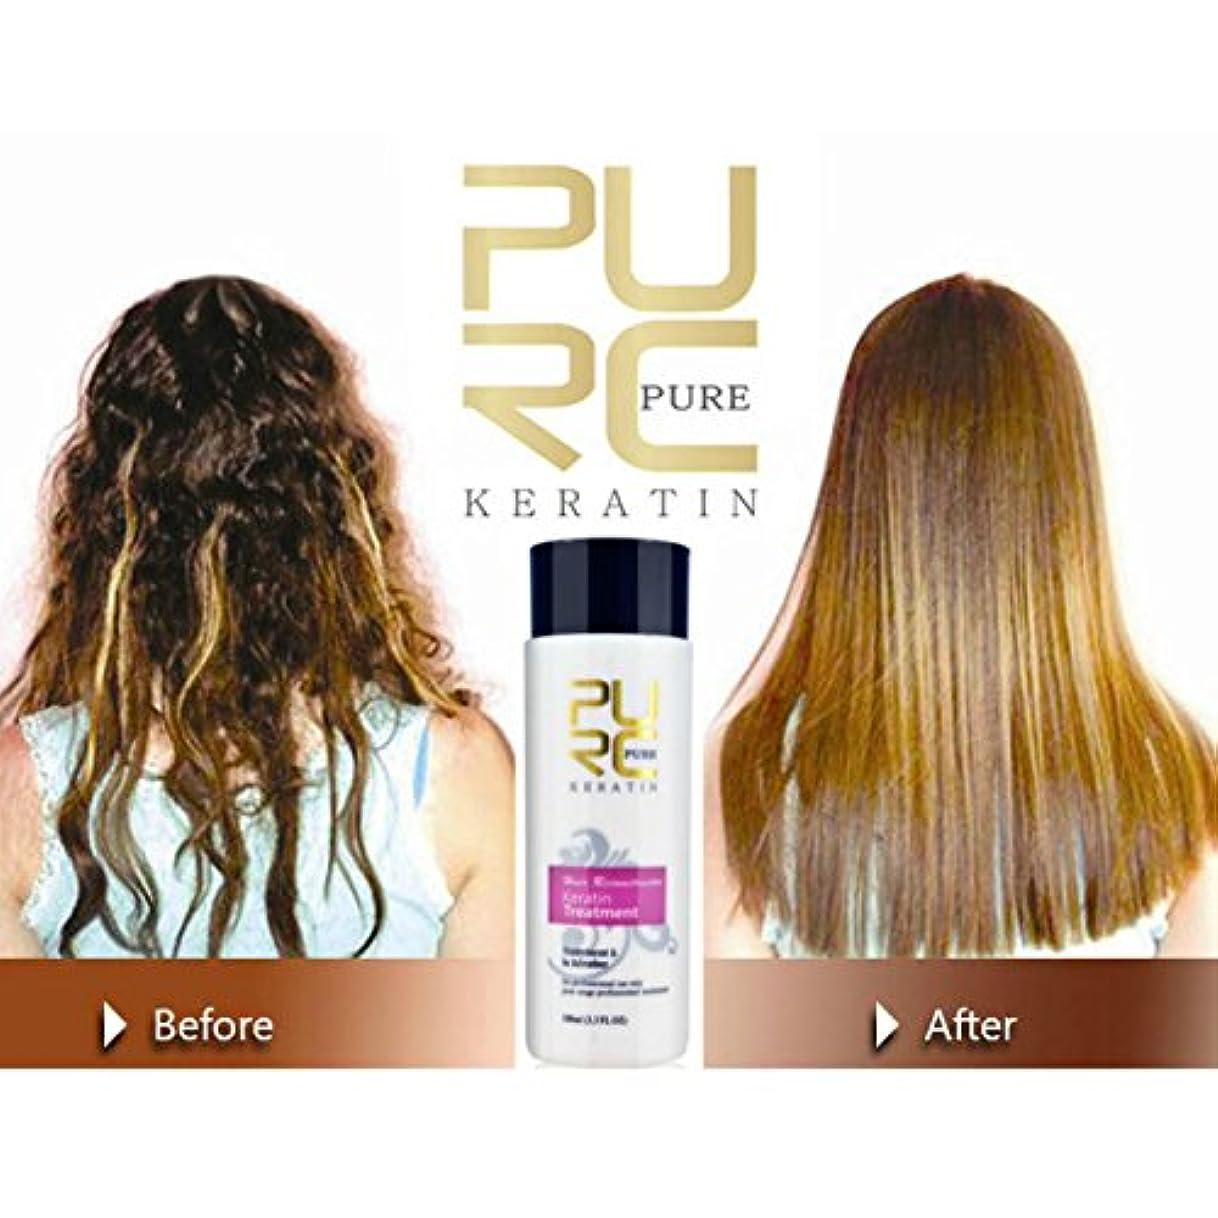 天井ナイトスポットリル純粋 ブラジル産 ケラチン 毛髪を真っすぐにする手当 ドライヤー乾燥時 100ml